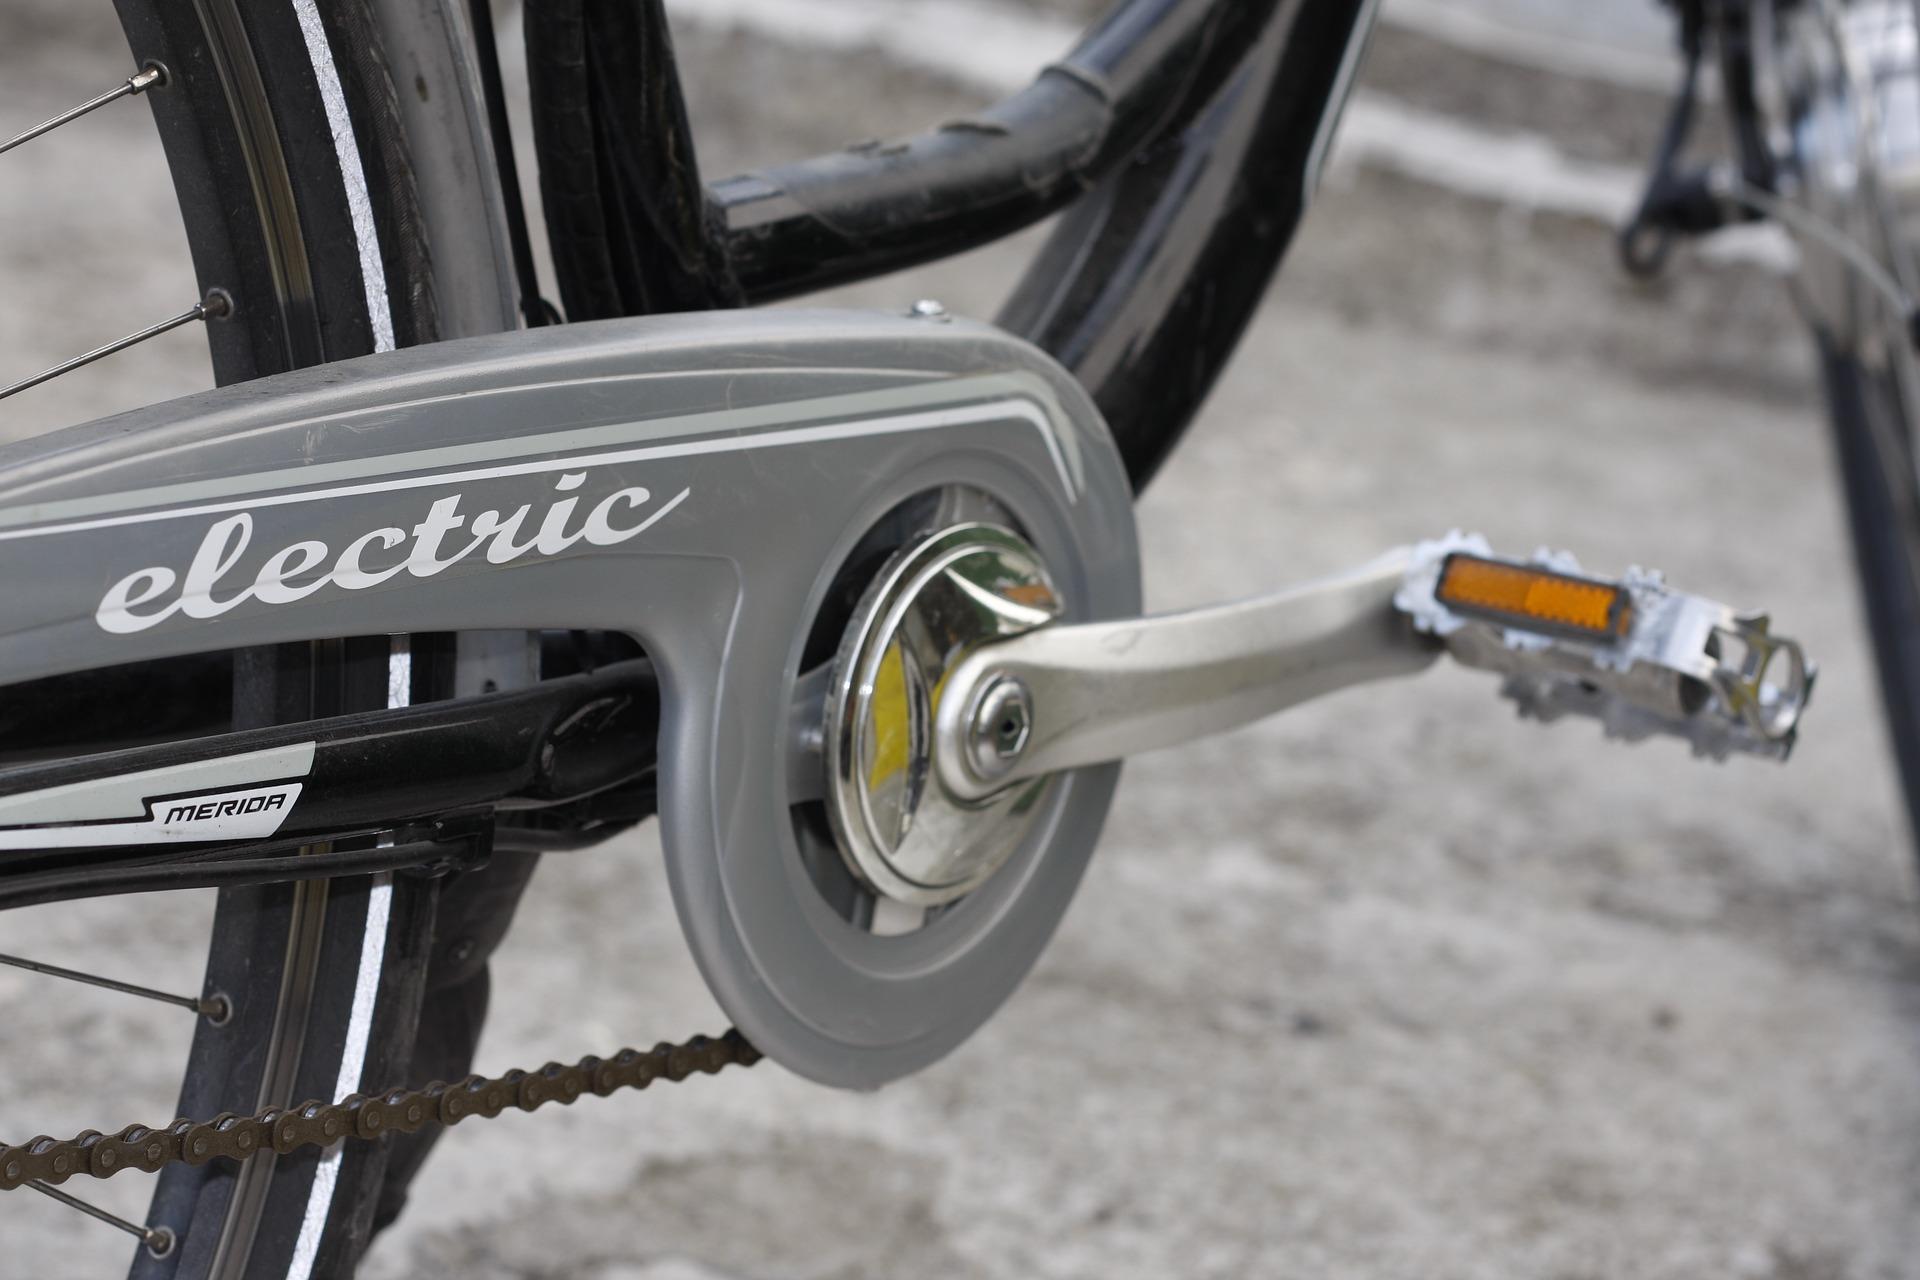 Bicicleta elétrica x bicicleta comum: qual a diferença?